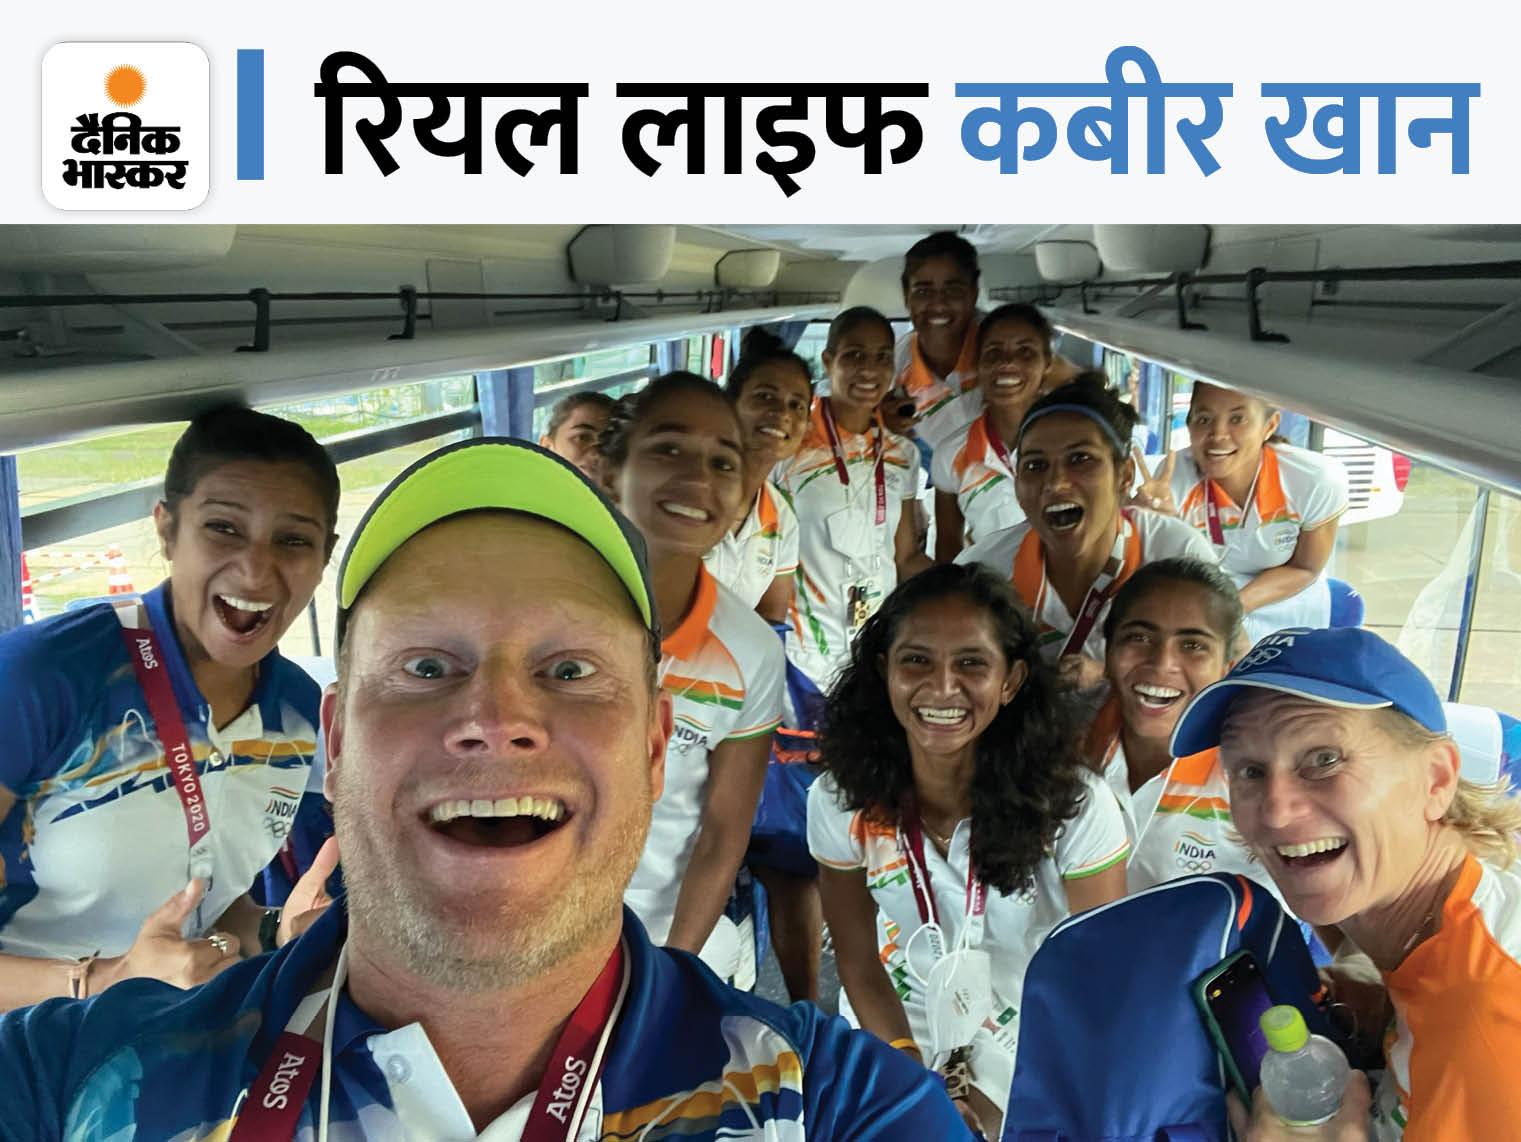 कोच मारिज्ने ने मैच के पहले कहा- यह मत सोचो ऑस्ट्रेलिया कितनी मजबूत है, ये सोचो कि तुम क्या कर सकती हो|टोक्यो ओलिंपिक,Tokyo Olympics - Dainik Bhaskar